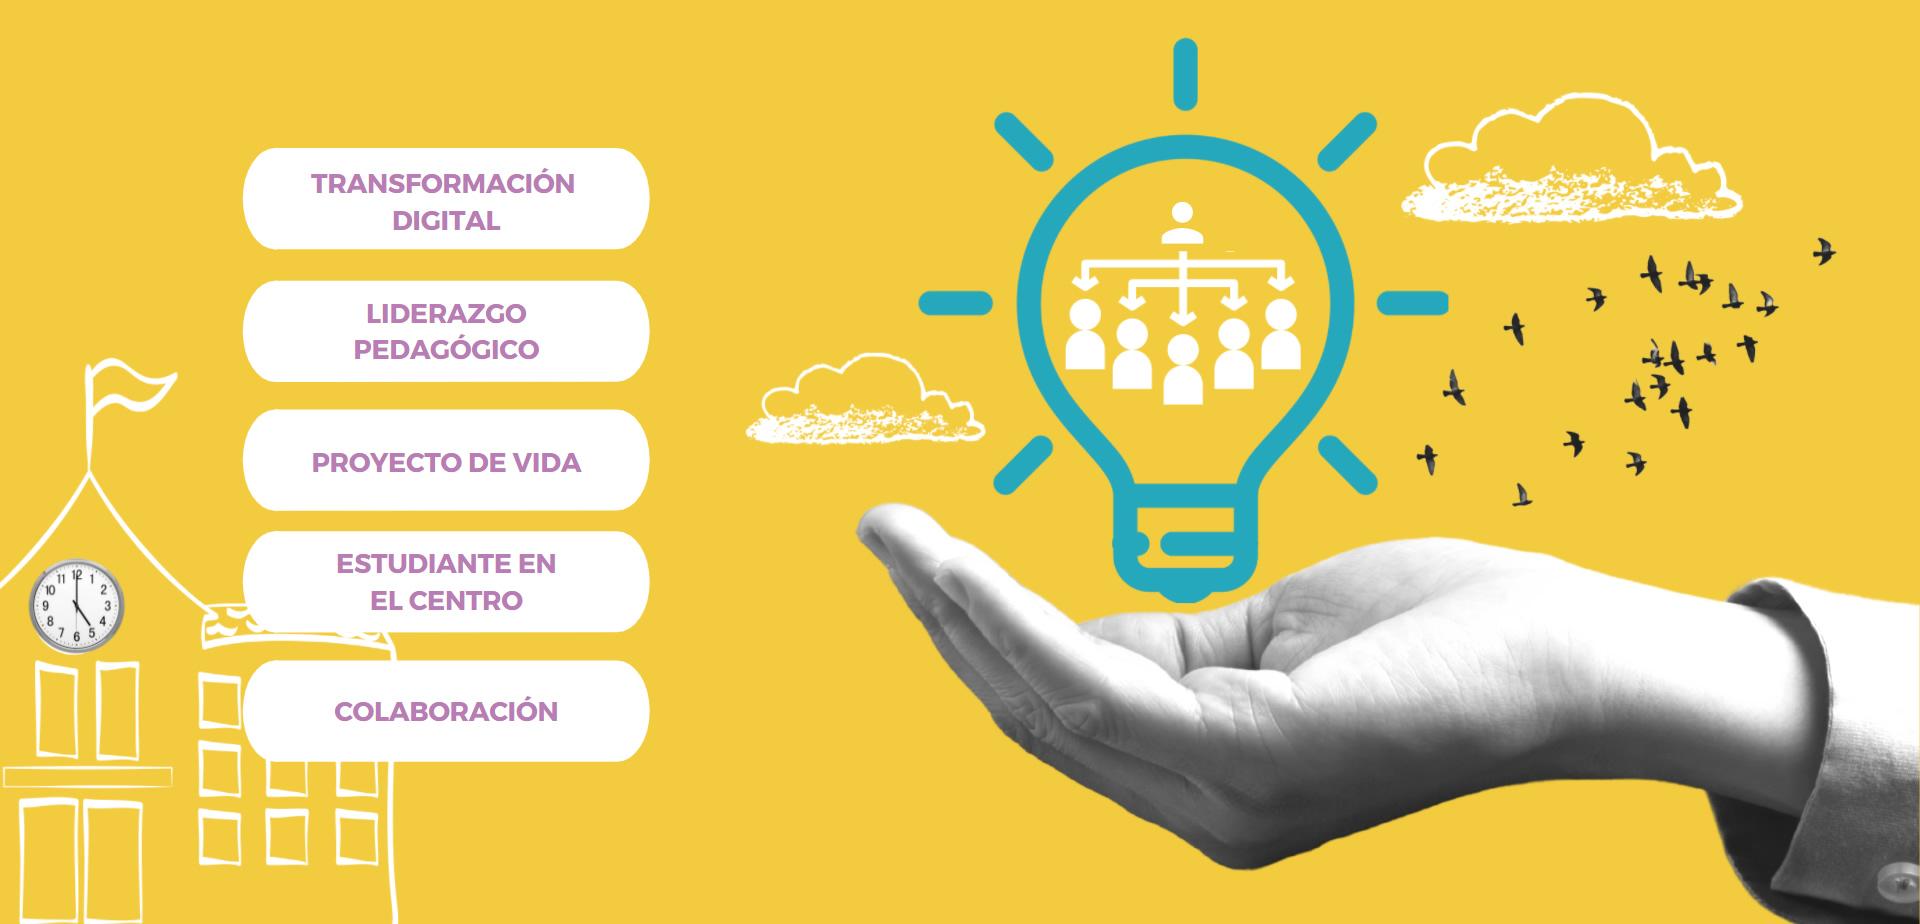 Imagen de Mano Extendida sosteniendo lámpara de ideas, con cuadros, reloj y pájaros